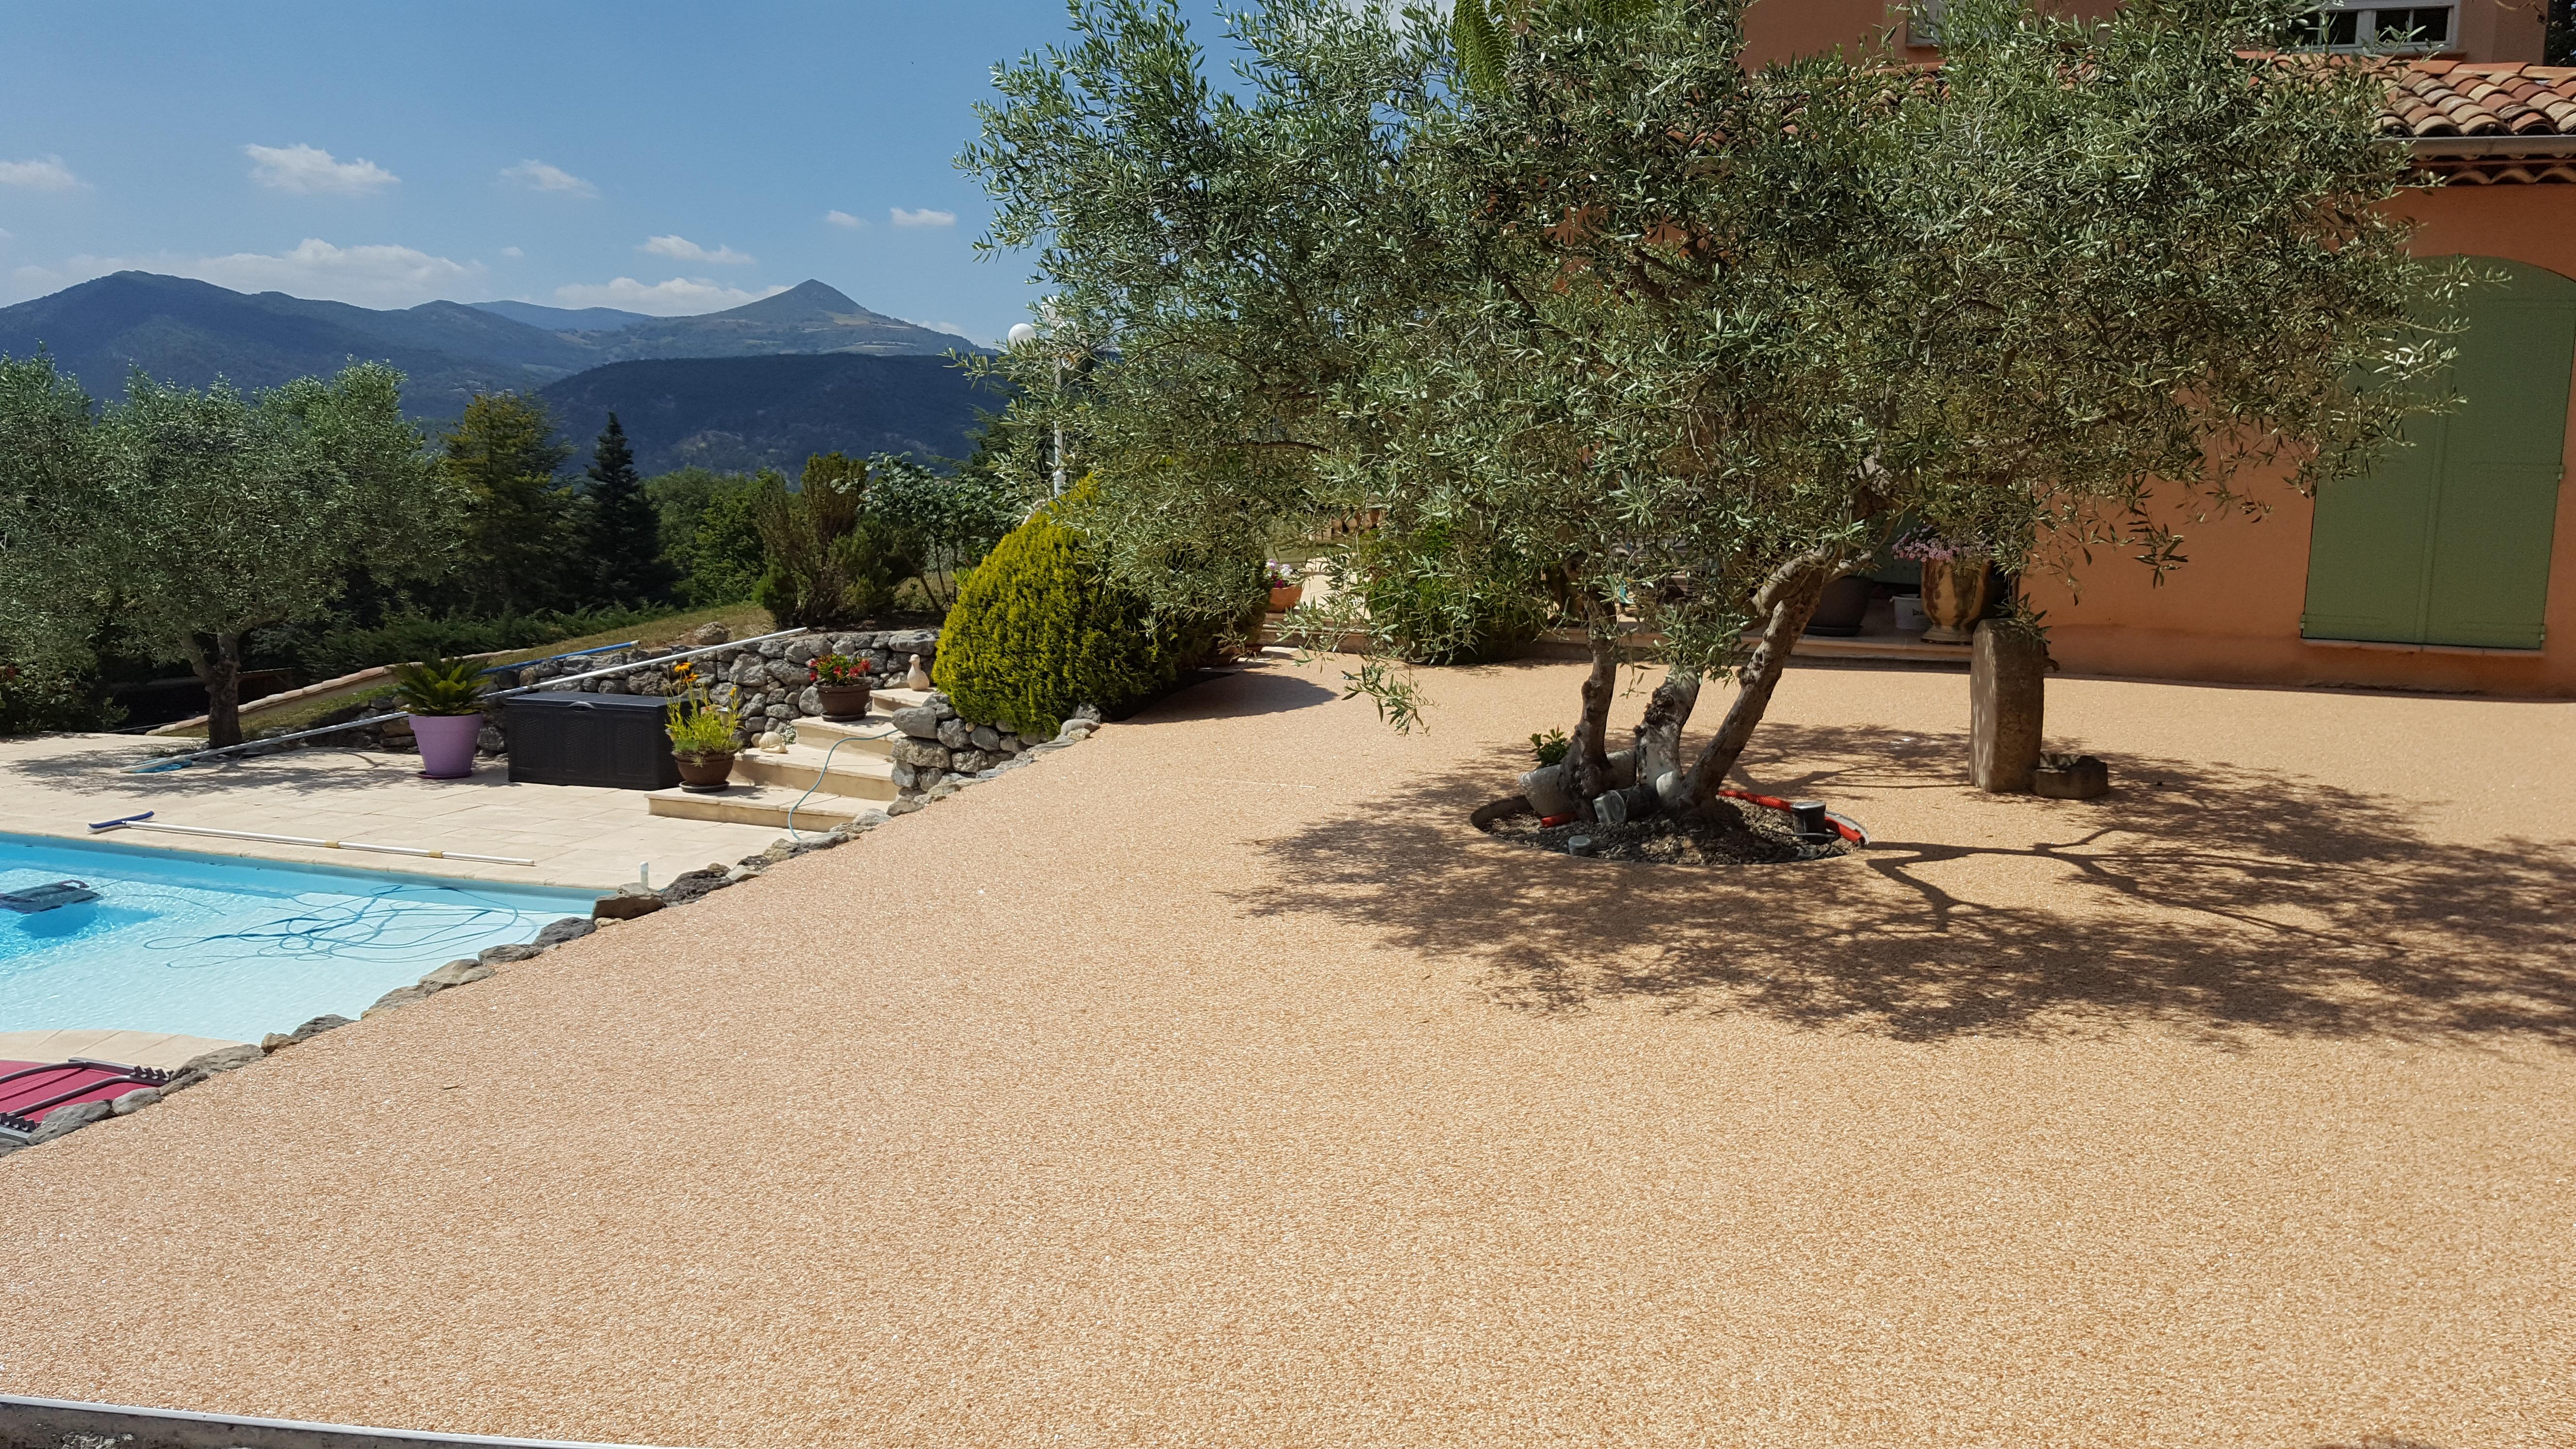 Rev tement de sol granulat de marbre moquette de for Moquette de pierre prix m2